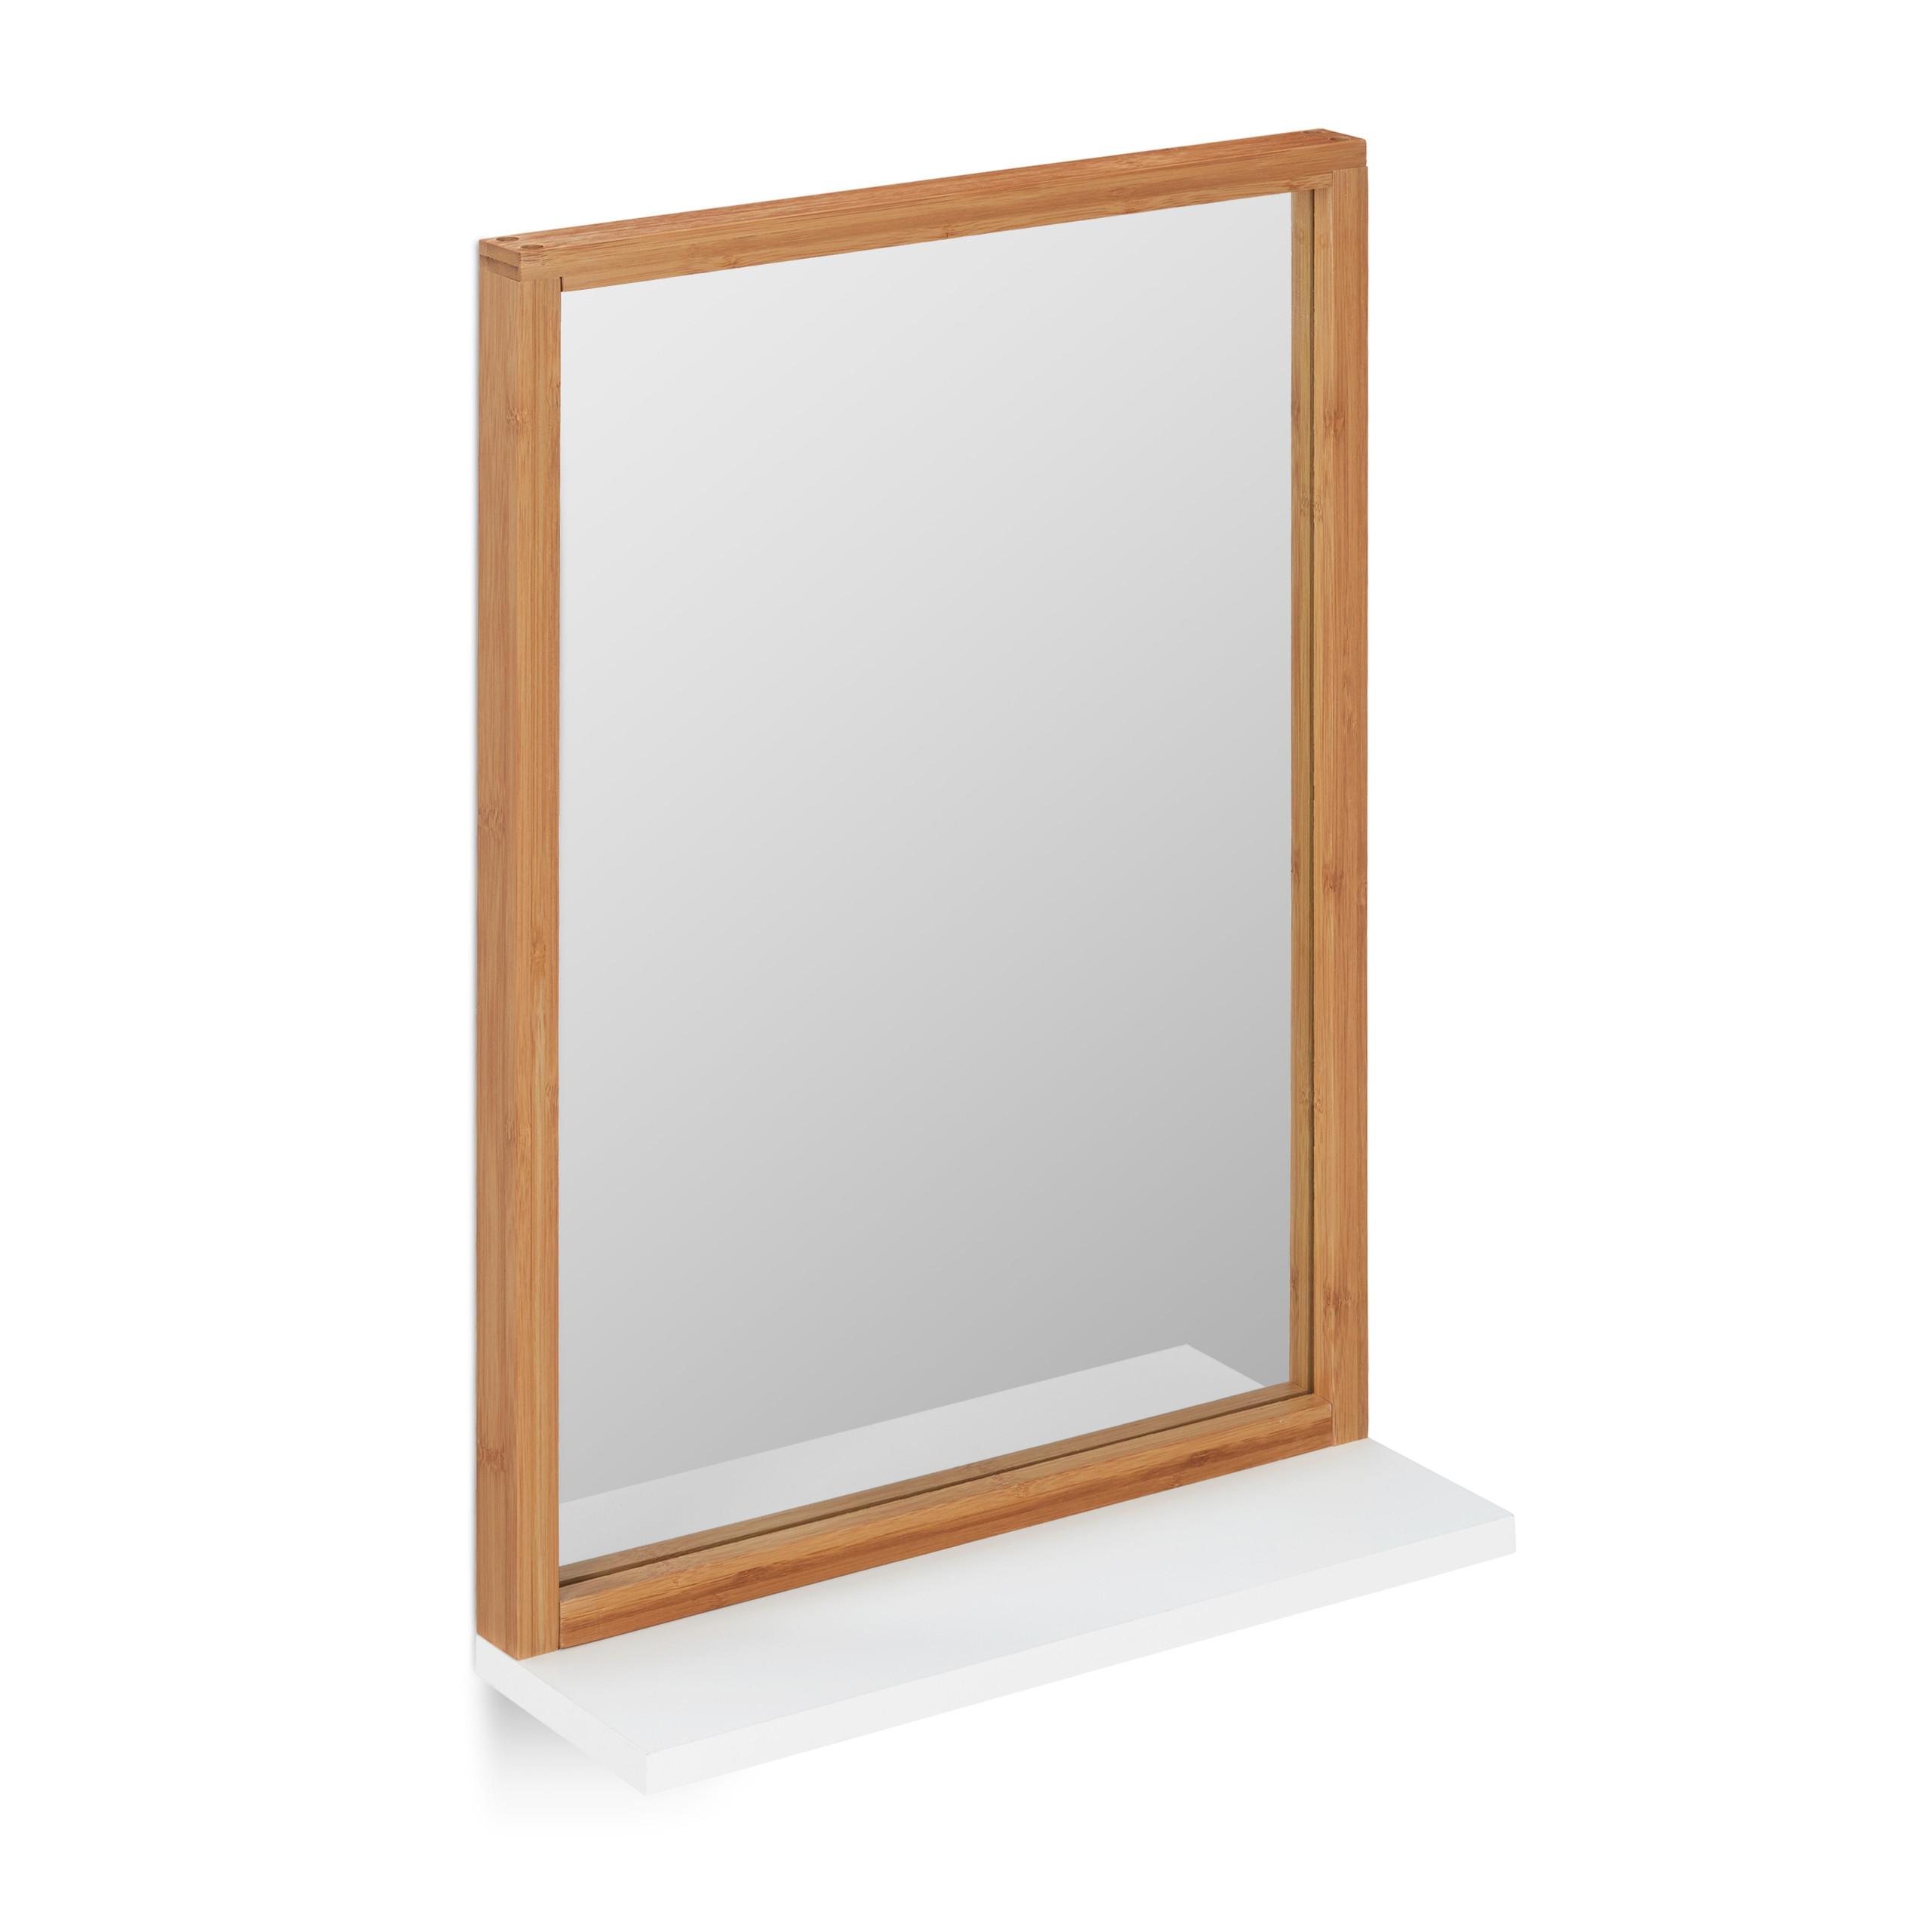 Wandspiegel Flur Badspiegel Mit Ablage Bambus MDF